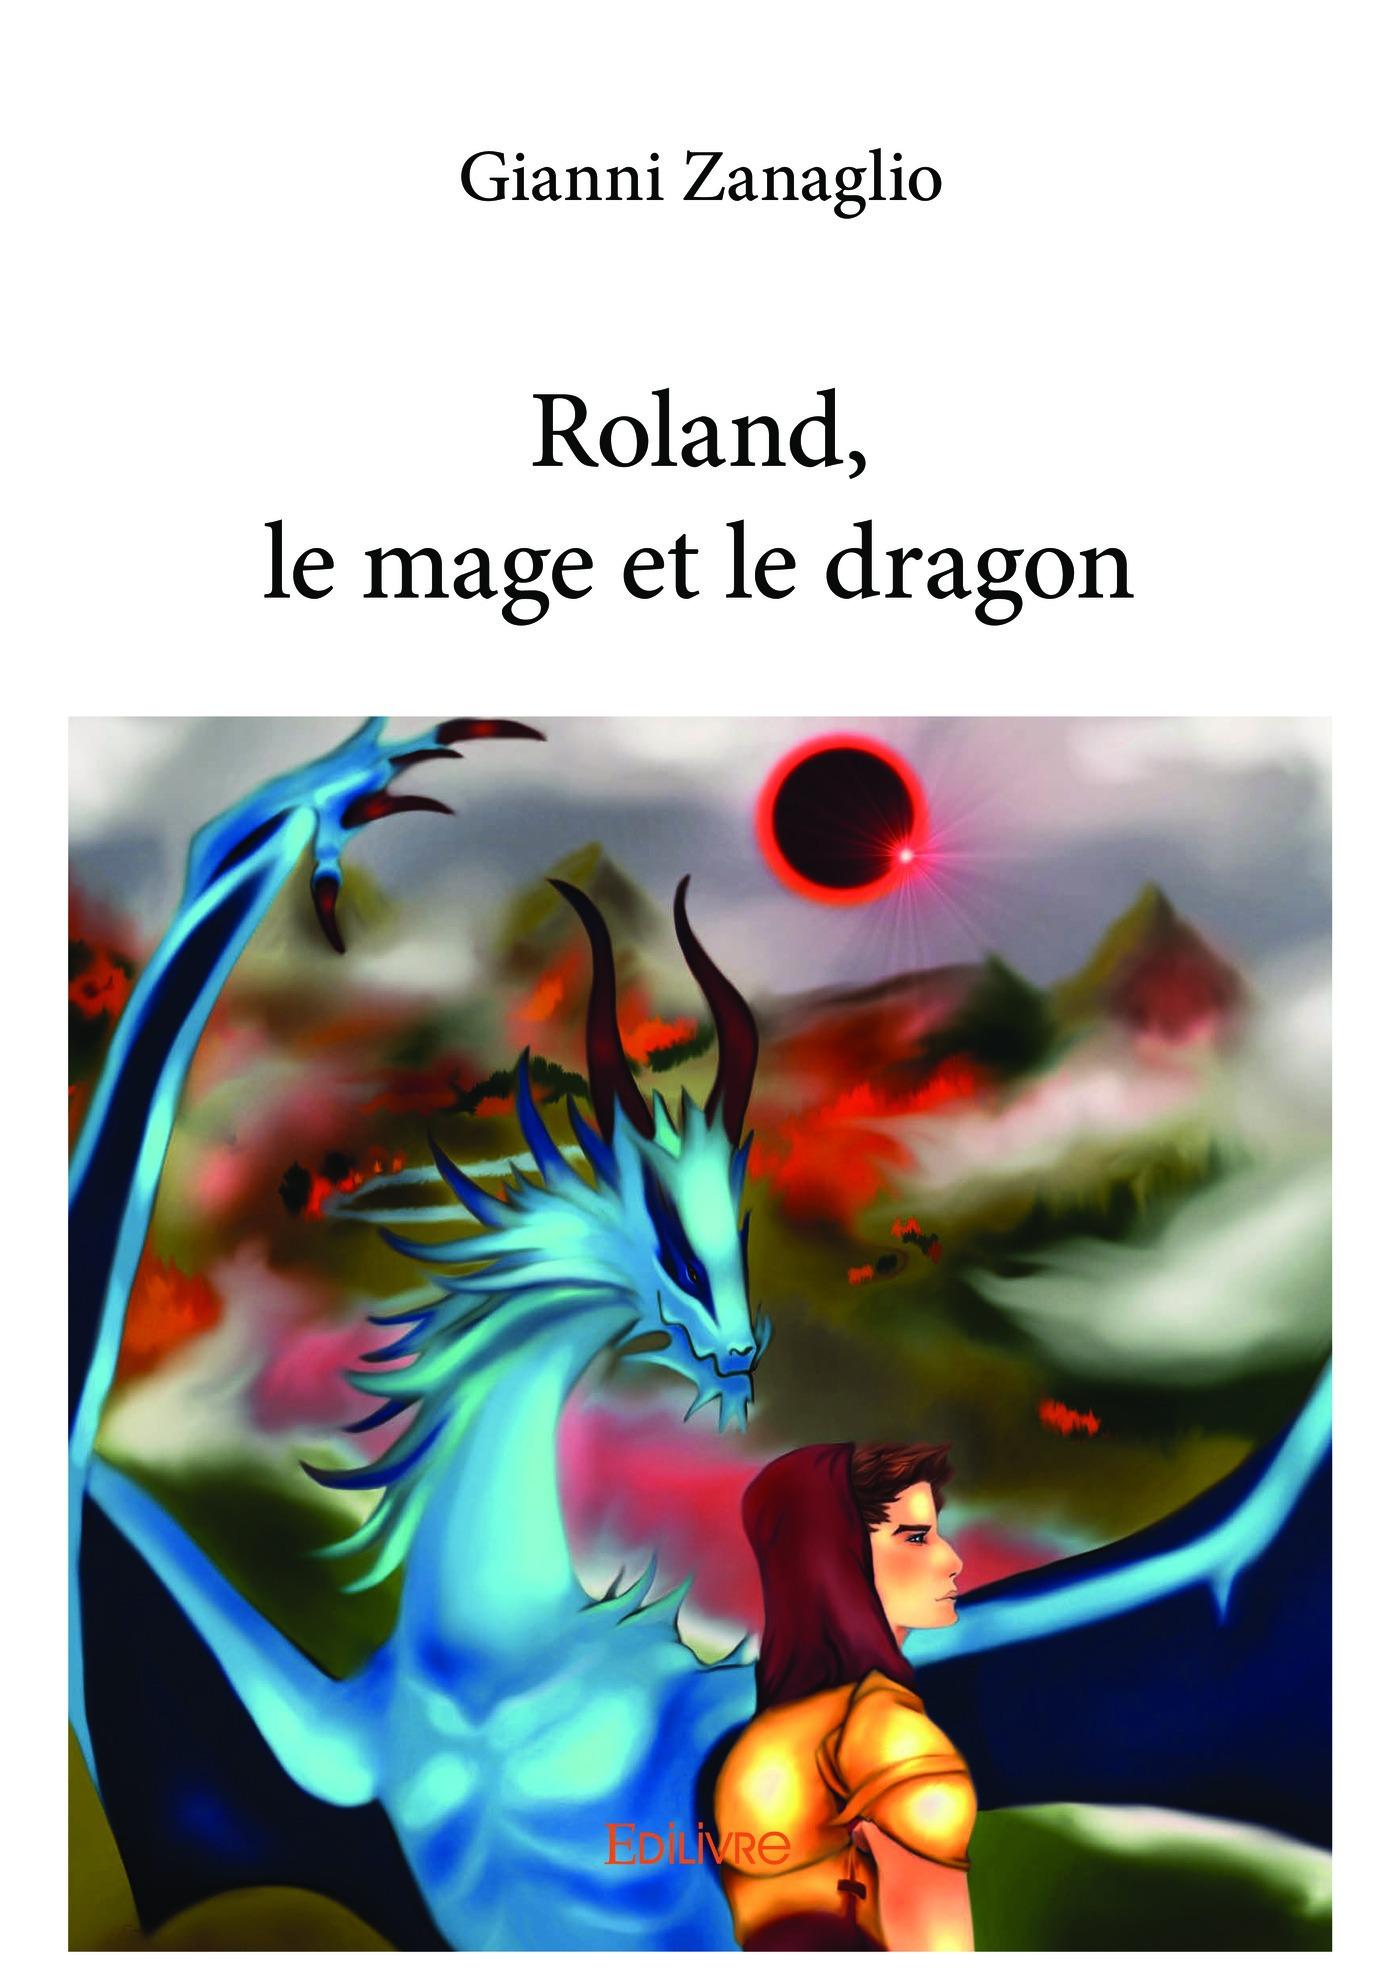 Roland, le mage et le dragon  - Gianni Zanaglio